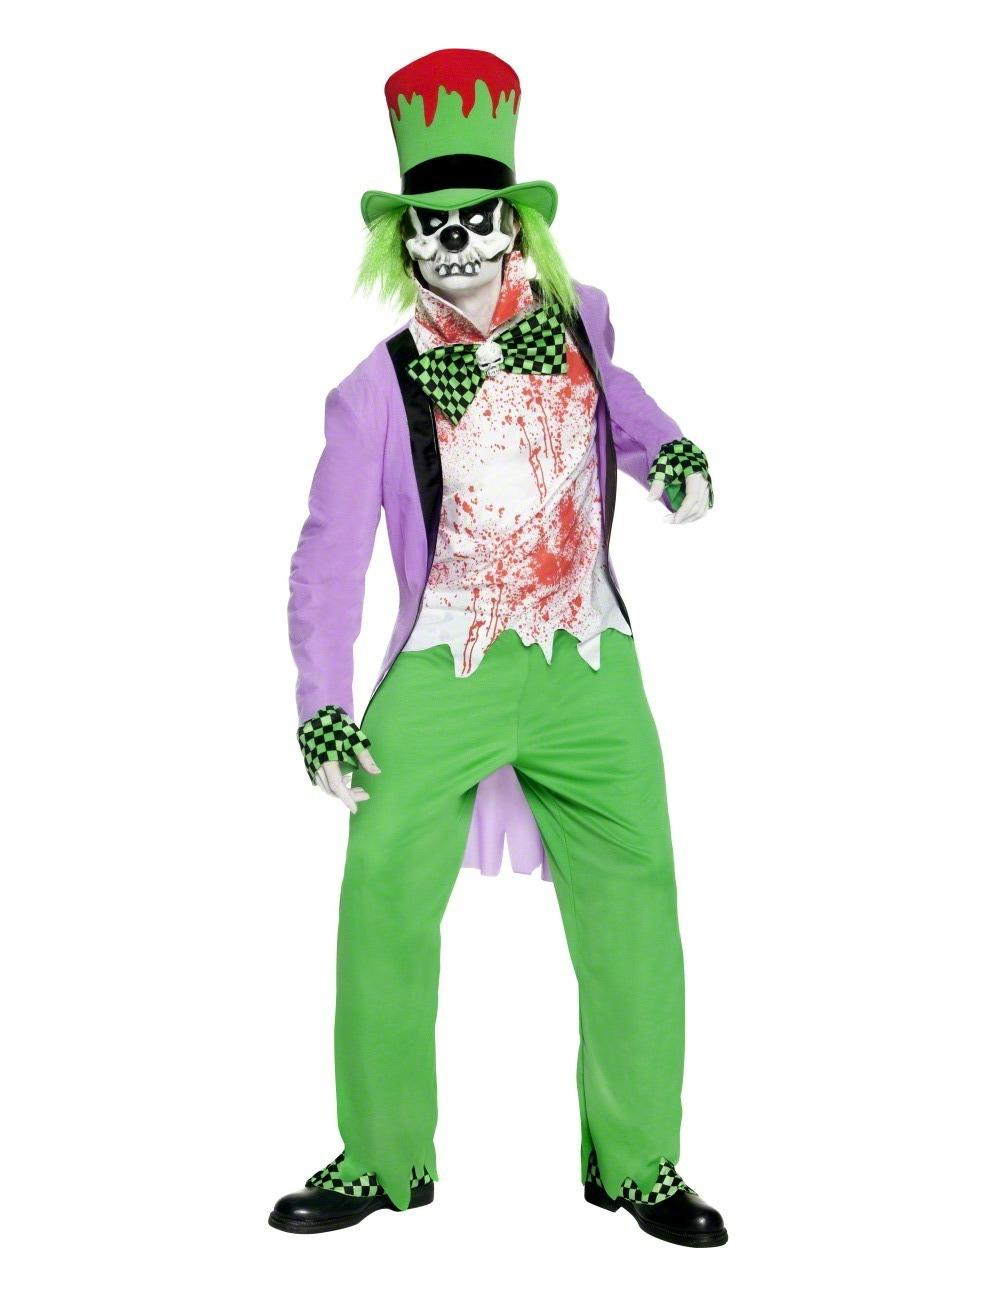 blutverschmierter böser horror-clown skelett halloween kostüm grün